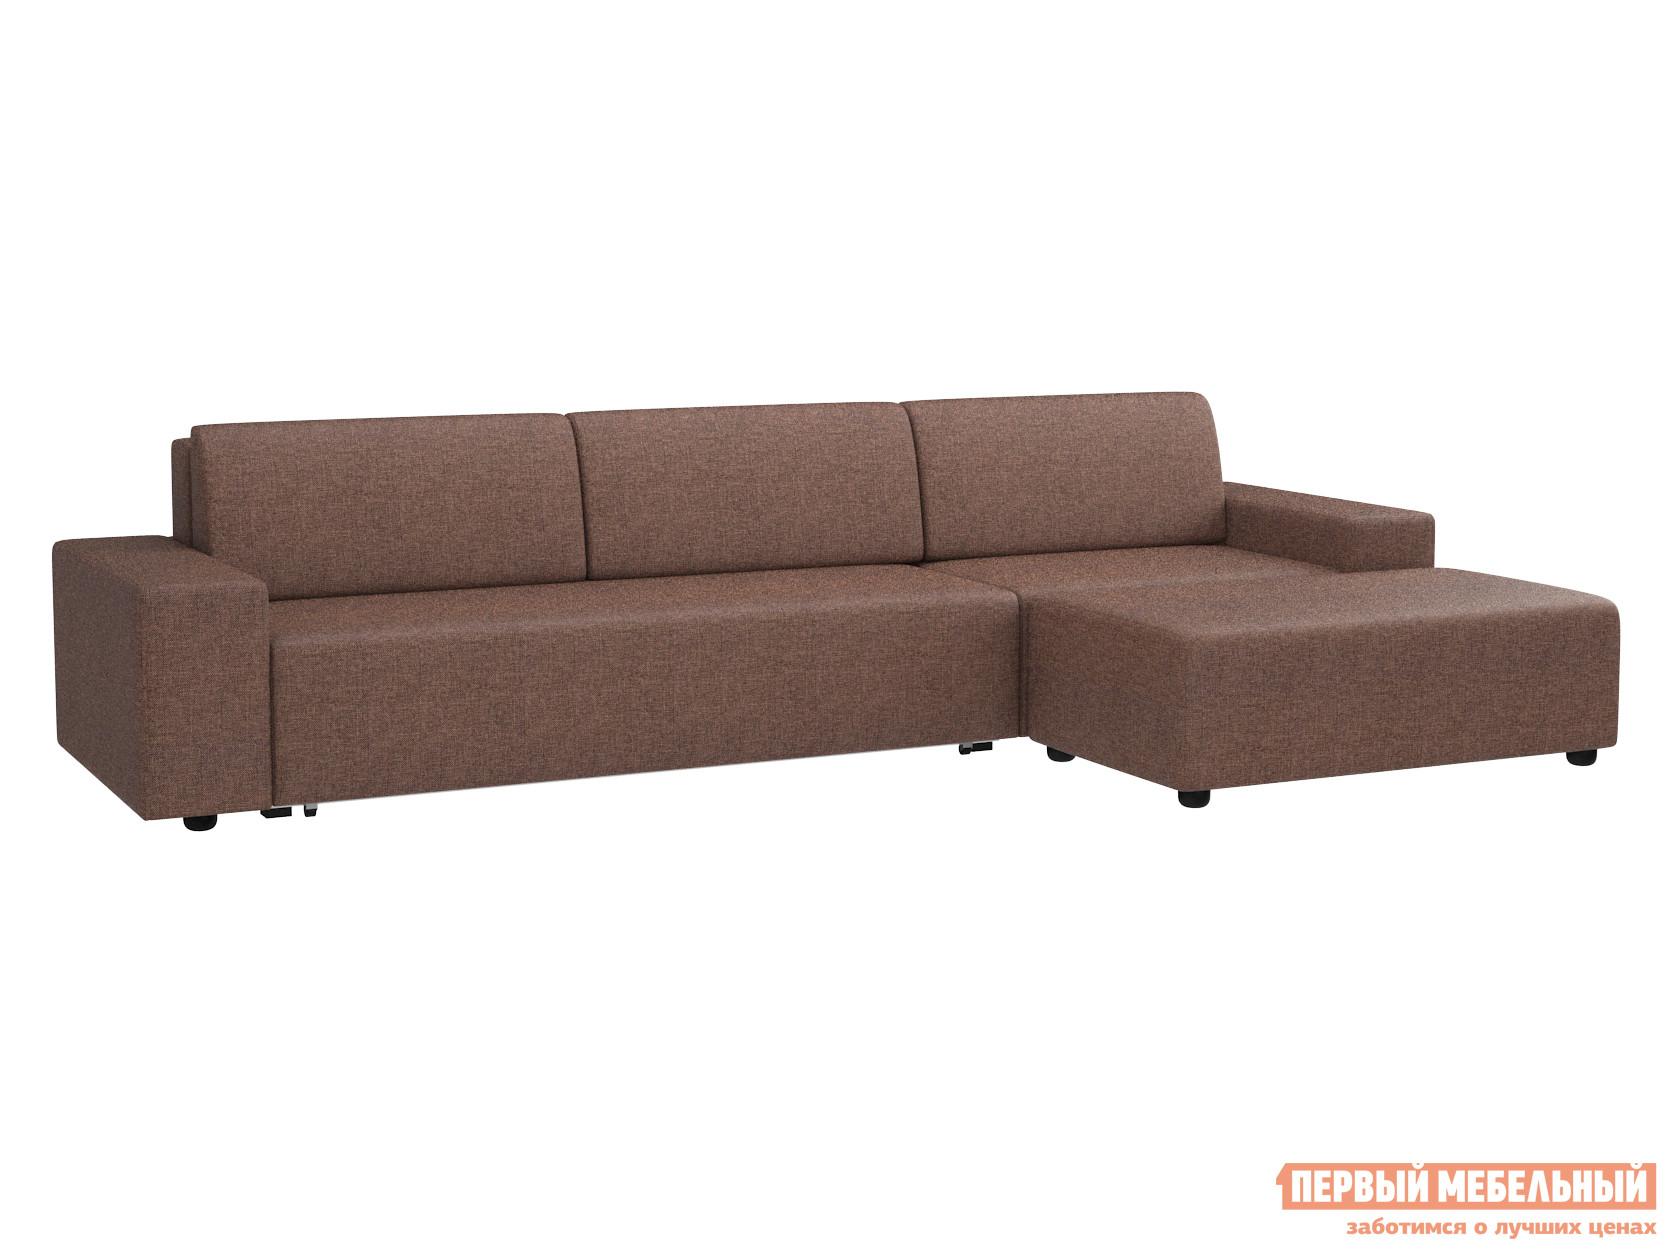 Угловой диван Первый Мебельный Малибу